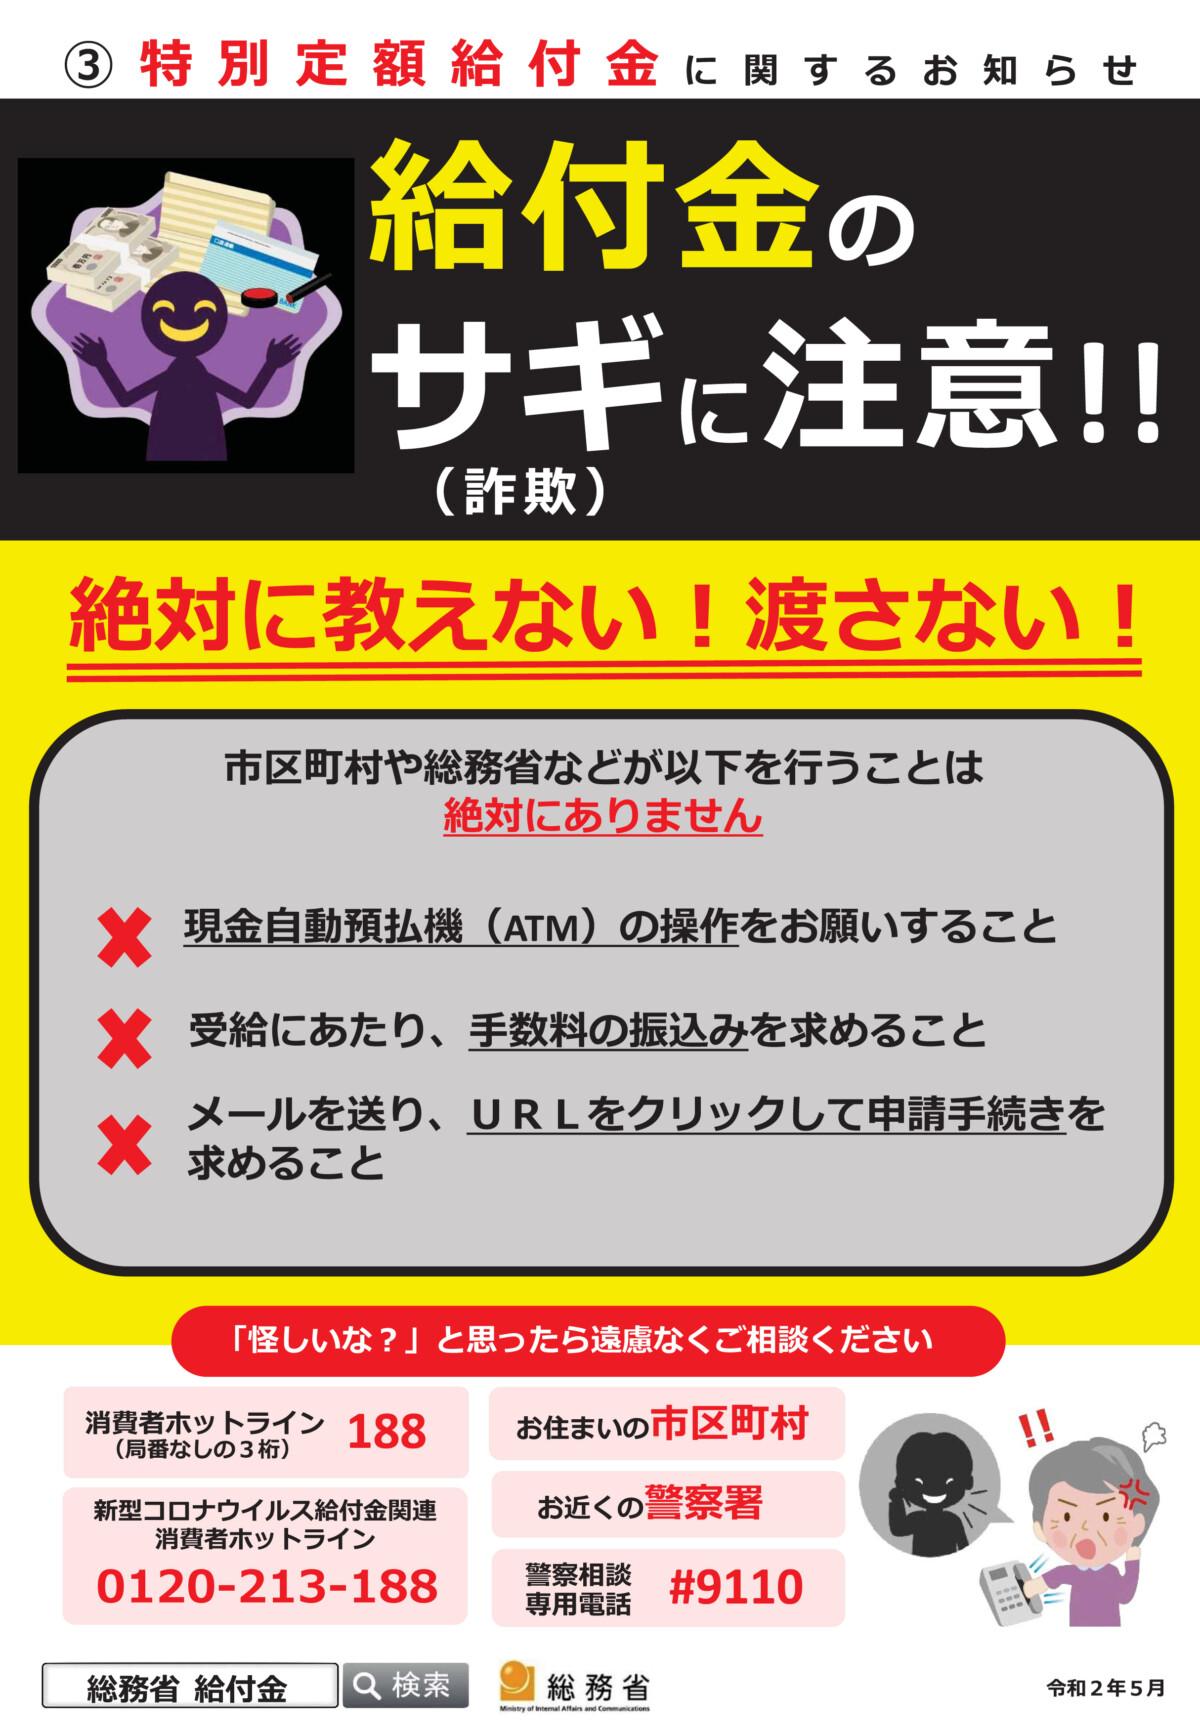 新型コロナウイルス感染症に関するチラシのポスティング配布(全戸配布)について